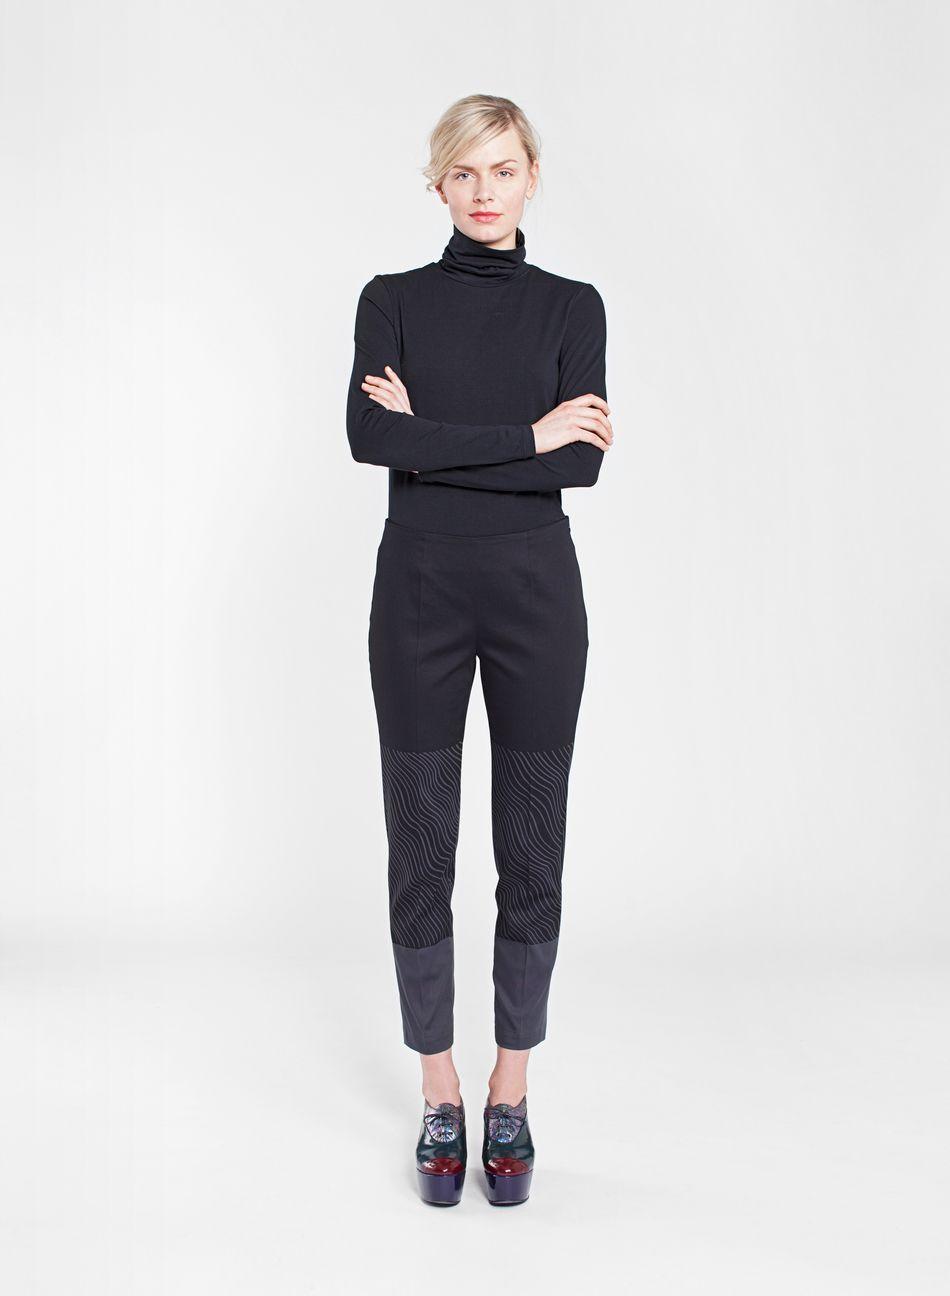 Karppi-housut (musta, harmaa) |Vaatteet, Housut, Naiset | Marimekko